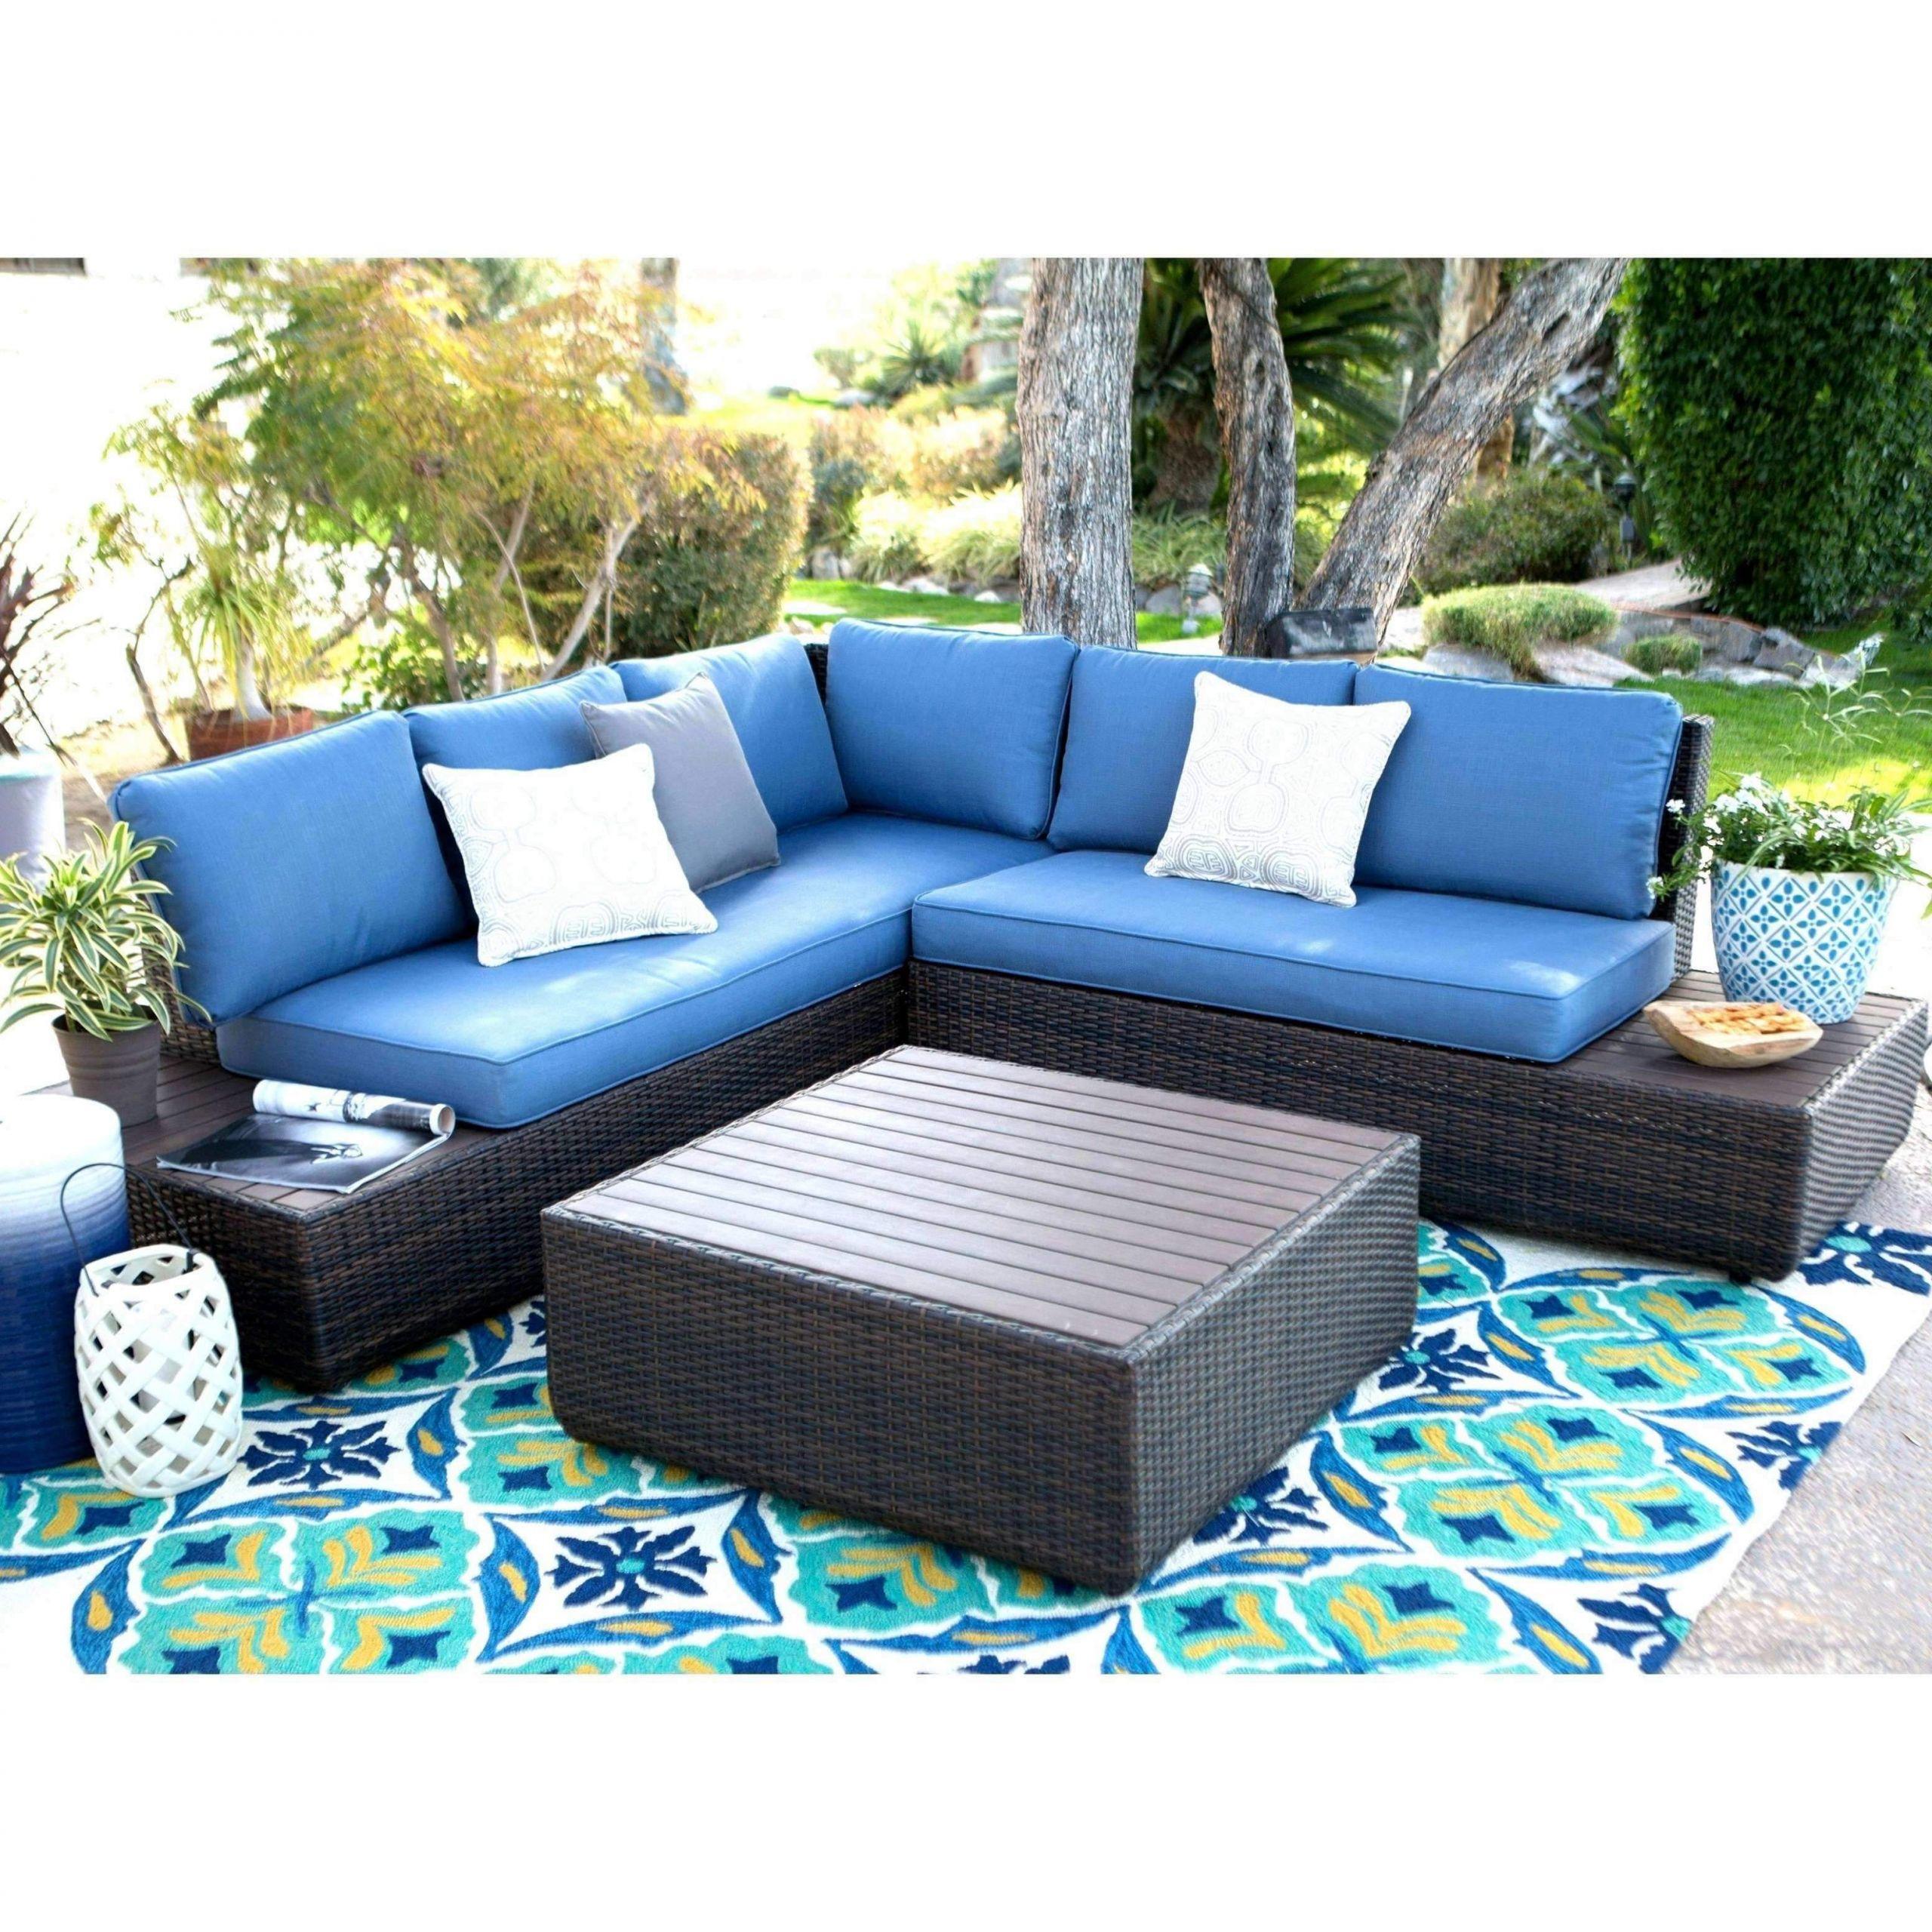 sofa mit tisch einzigartig lounge sofa garten dalepeck haus of sofa mit tisch